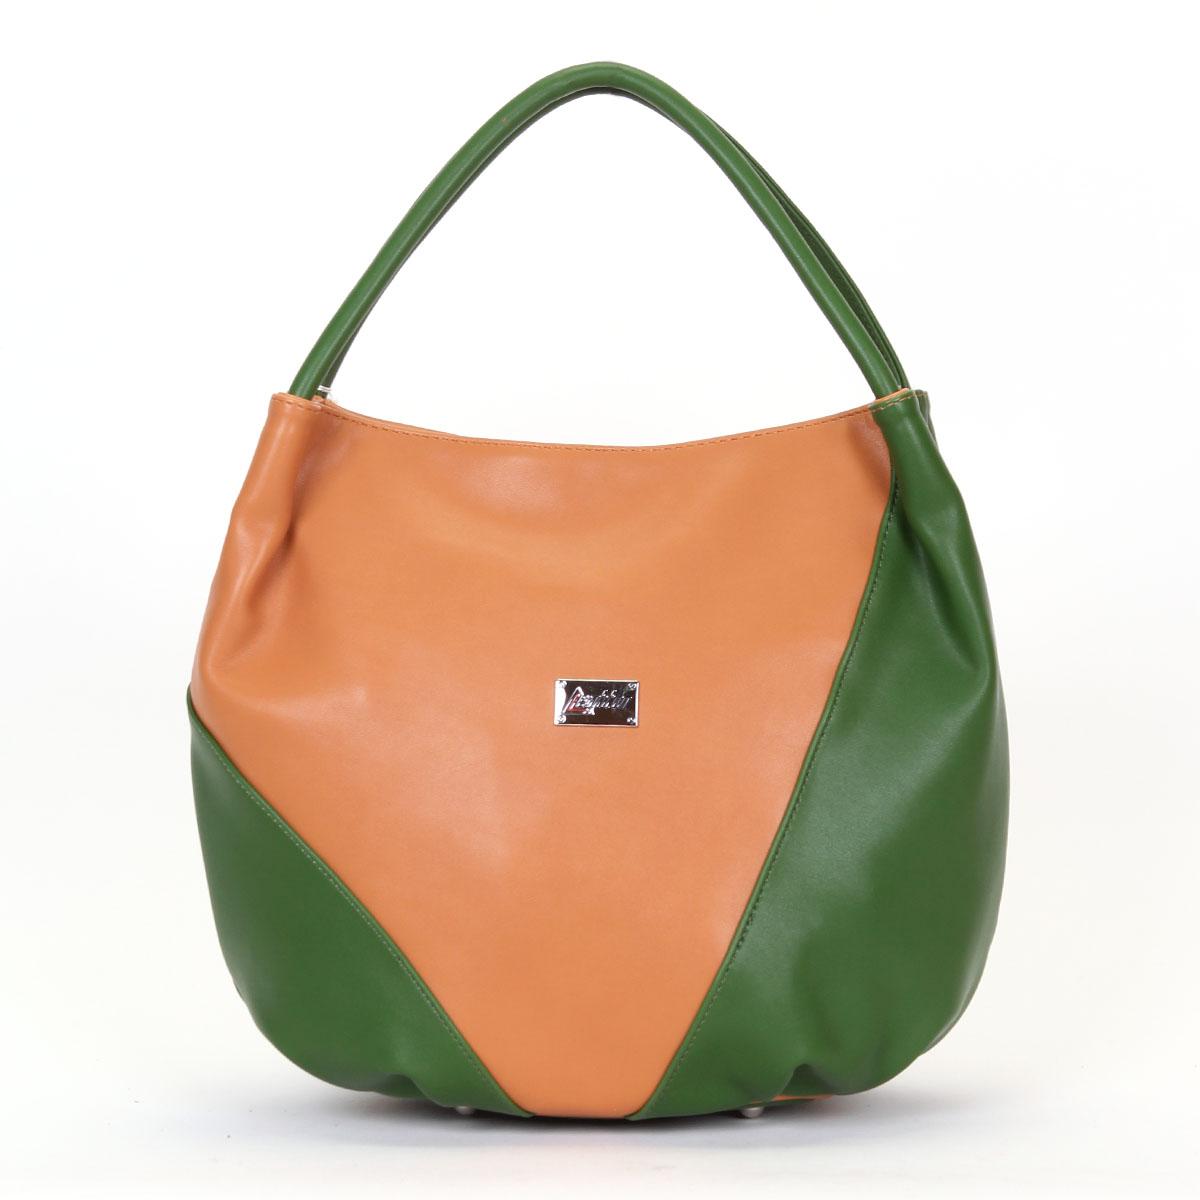 Сумка женская Leighton, цвет: темно-бежевый, зеленый. 350192-1092/805/1092/510350192-1092/805/1092/510Женская сумка Leighton выполнена из высококачественной искусственной кожи, украшена металлической пластиной с названием бренда. Сумка имеет одно отделение, закрывающееся на молнию. Внутреннее отделение содержит два накладных кармашка для мелочей и мобильного телефона, два врезных кармана на застежках-молниях и открытый отсек. На дне - четыре металлических ножки. Яркая цветовая гамма, стильный декор, модный дизайн - прекрасное дополнение к весеннему настроению.